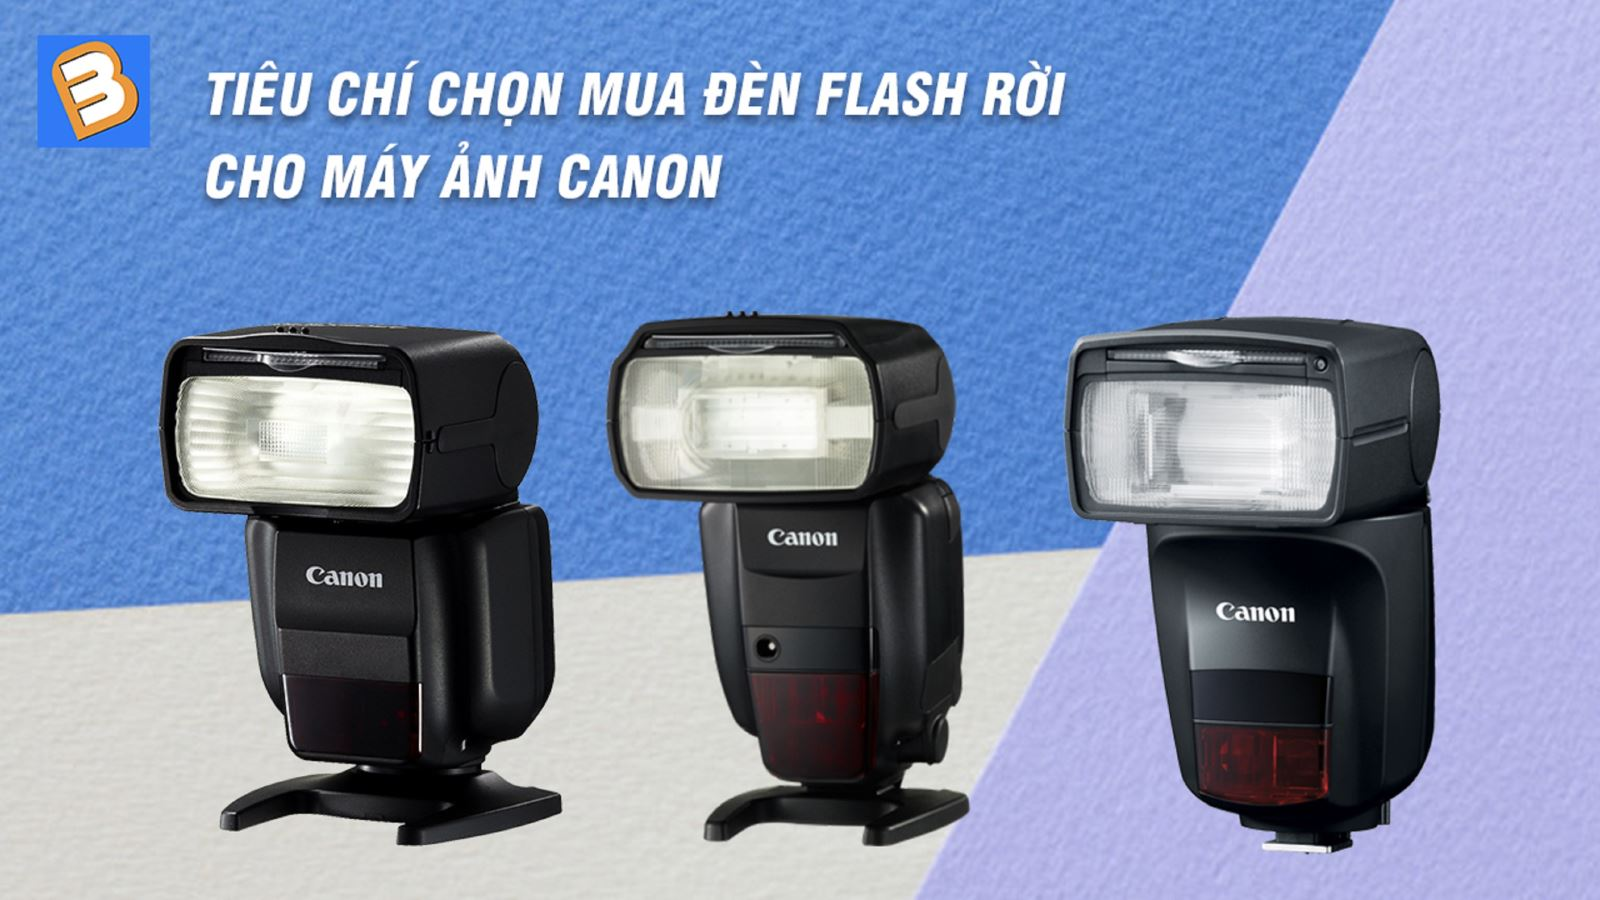 Tiêu chí chọn mua đèn Flash rời cho máy ảnh Canon